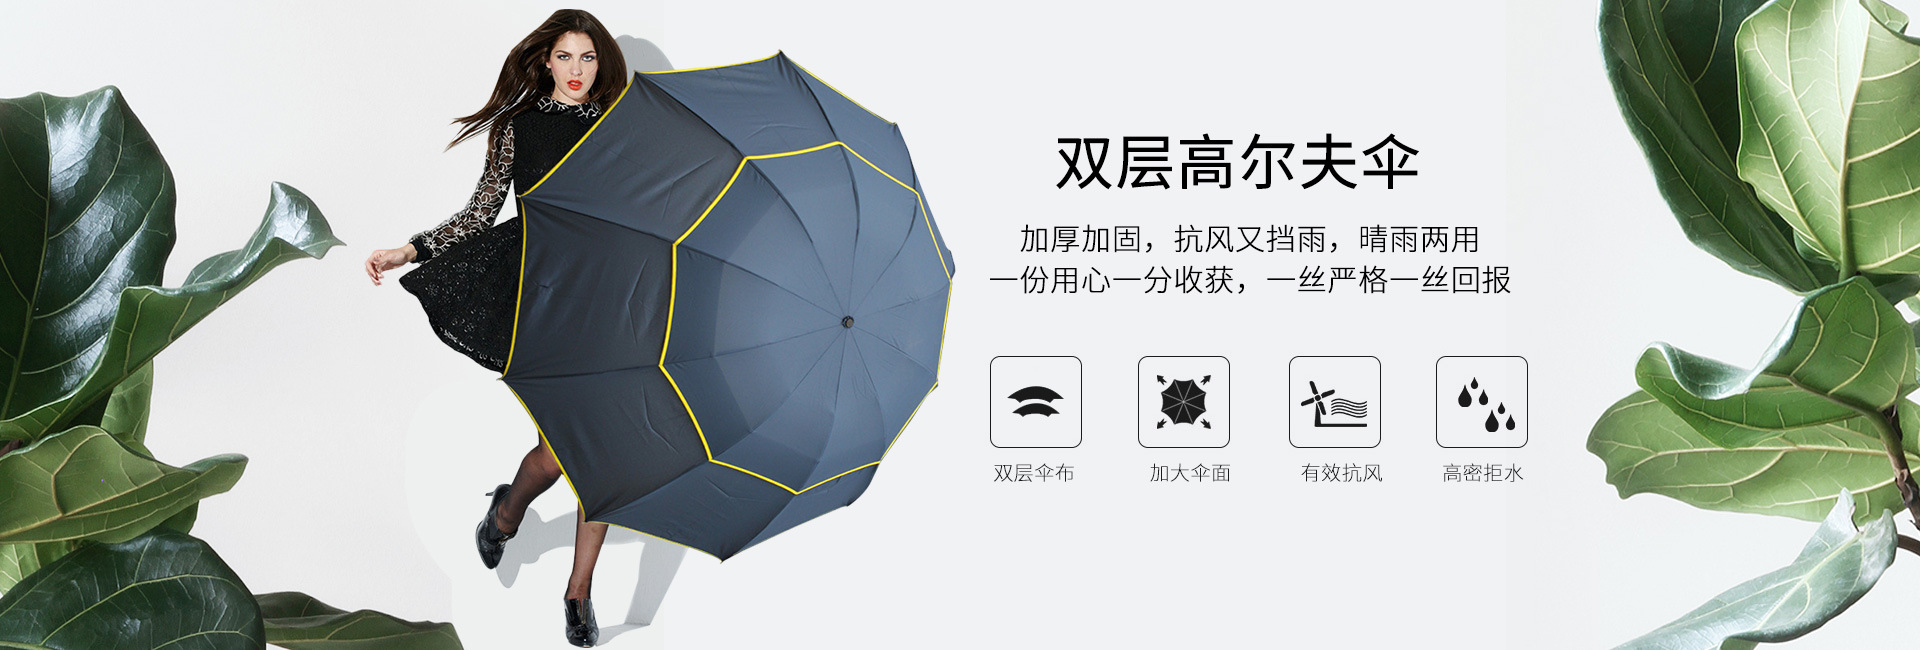 双层高尔夫伞